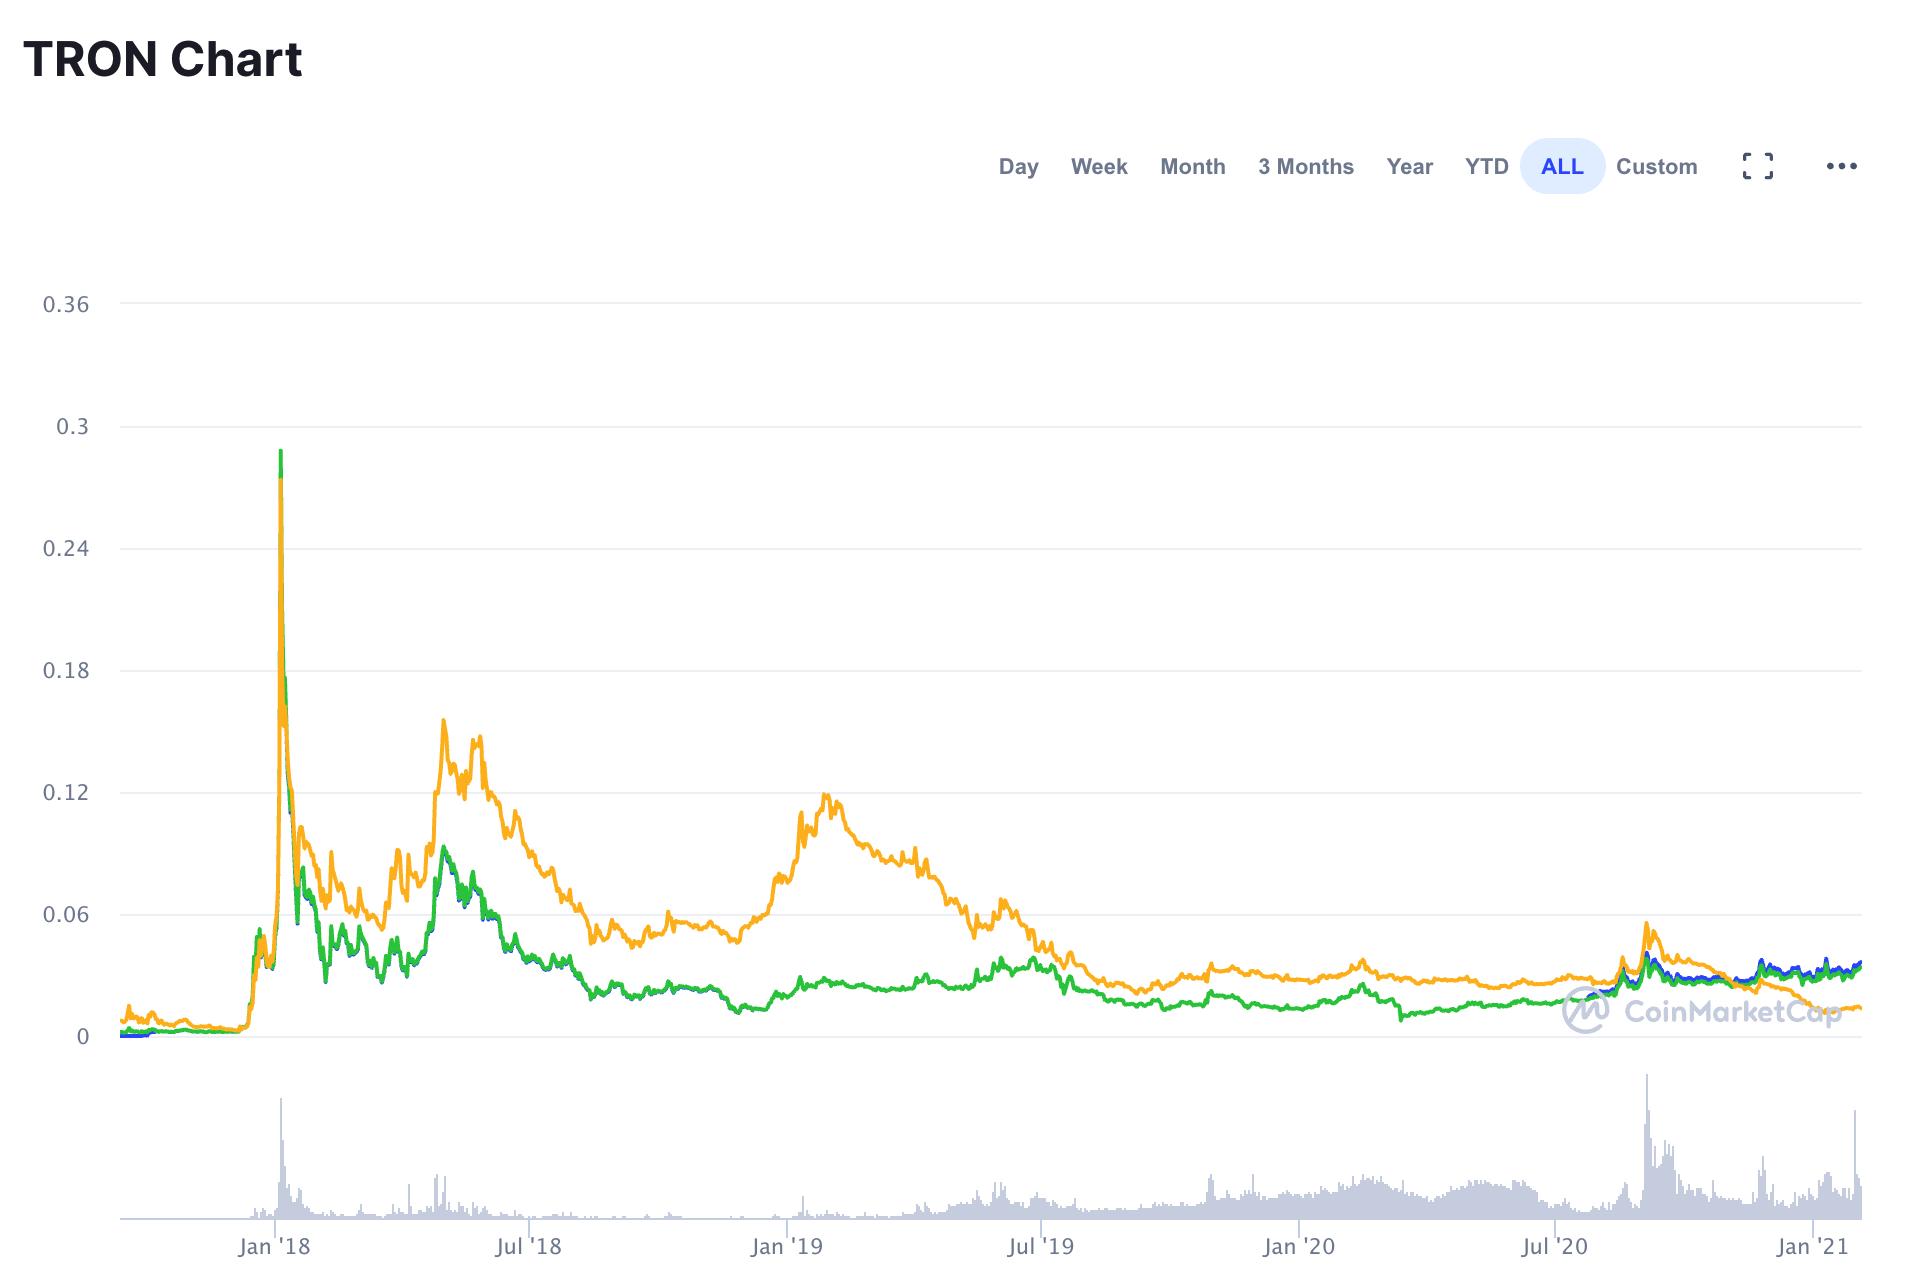 График стоимости TRON